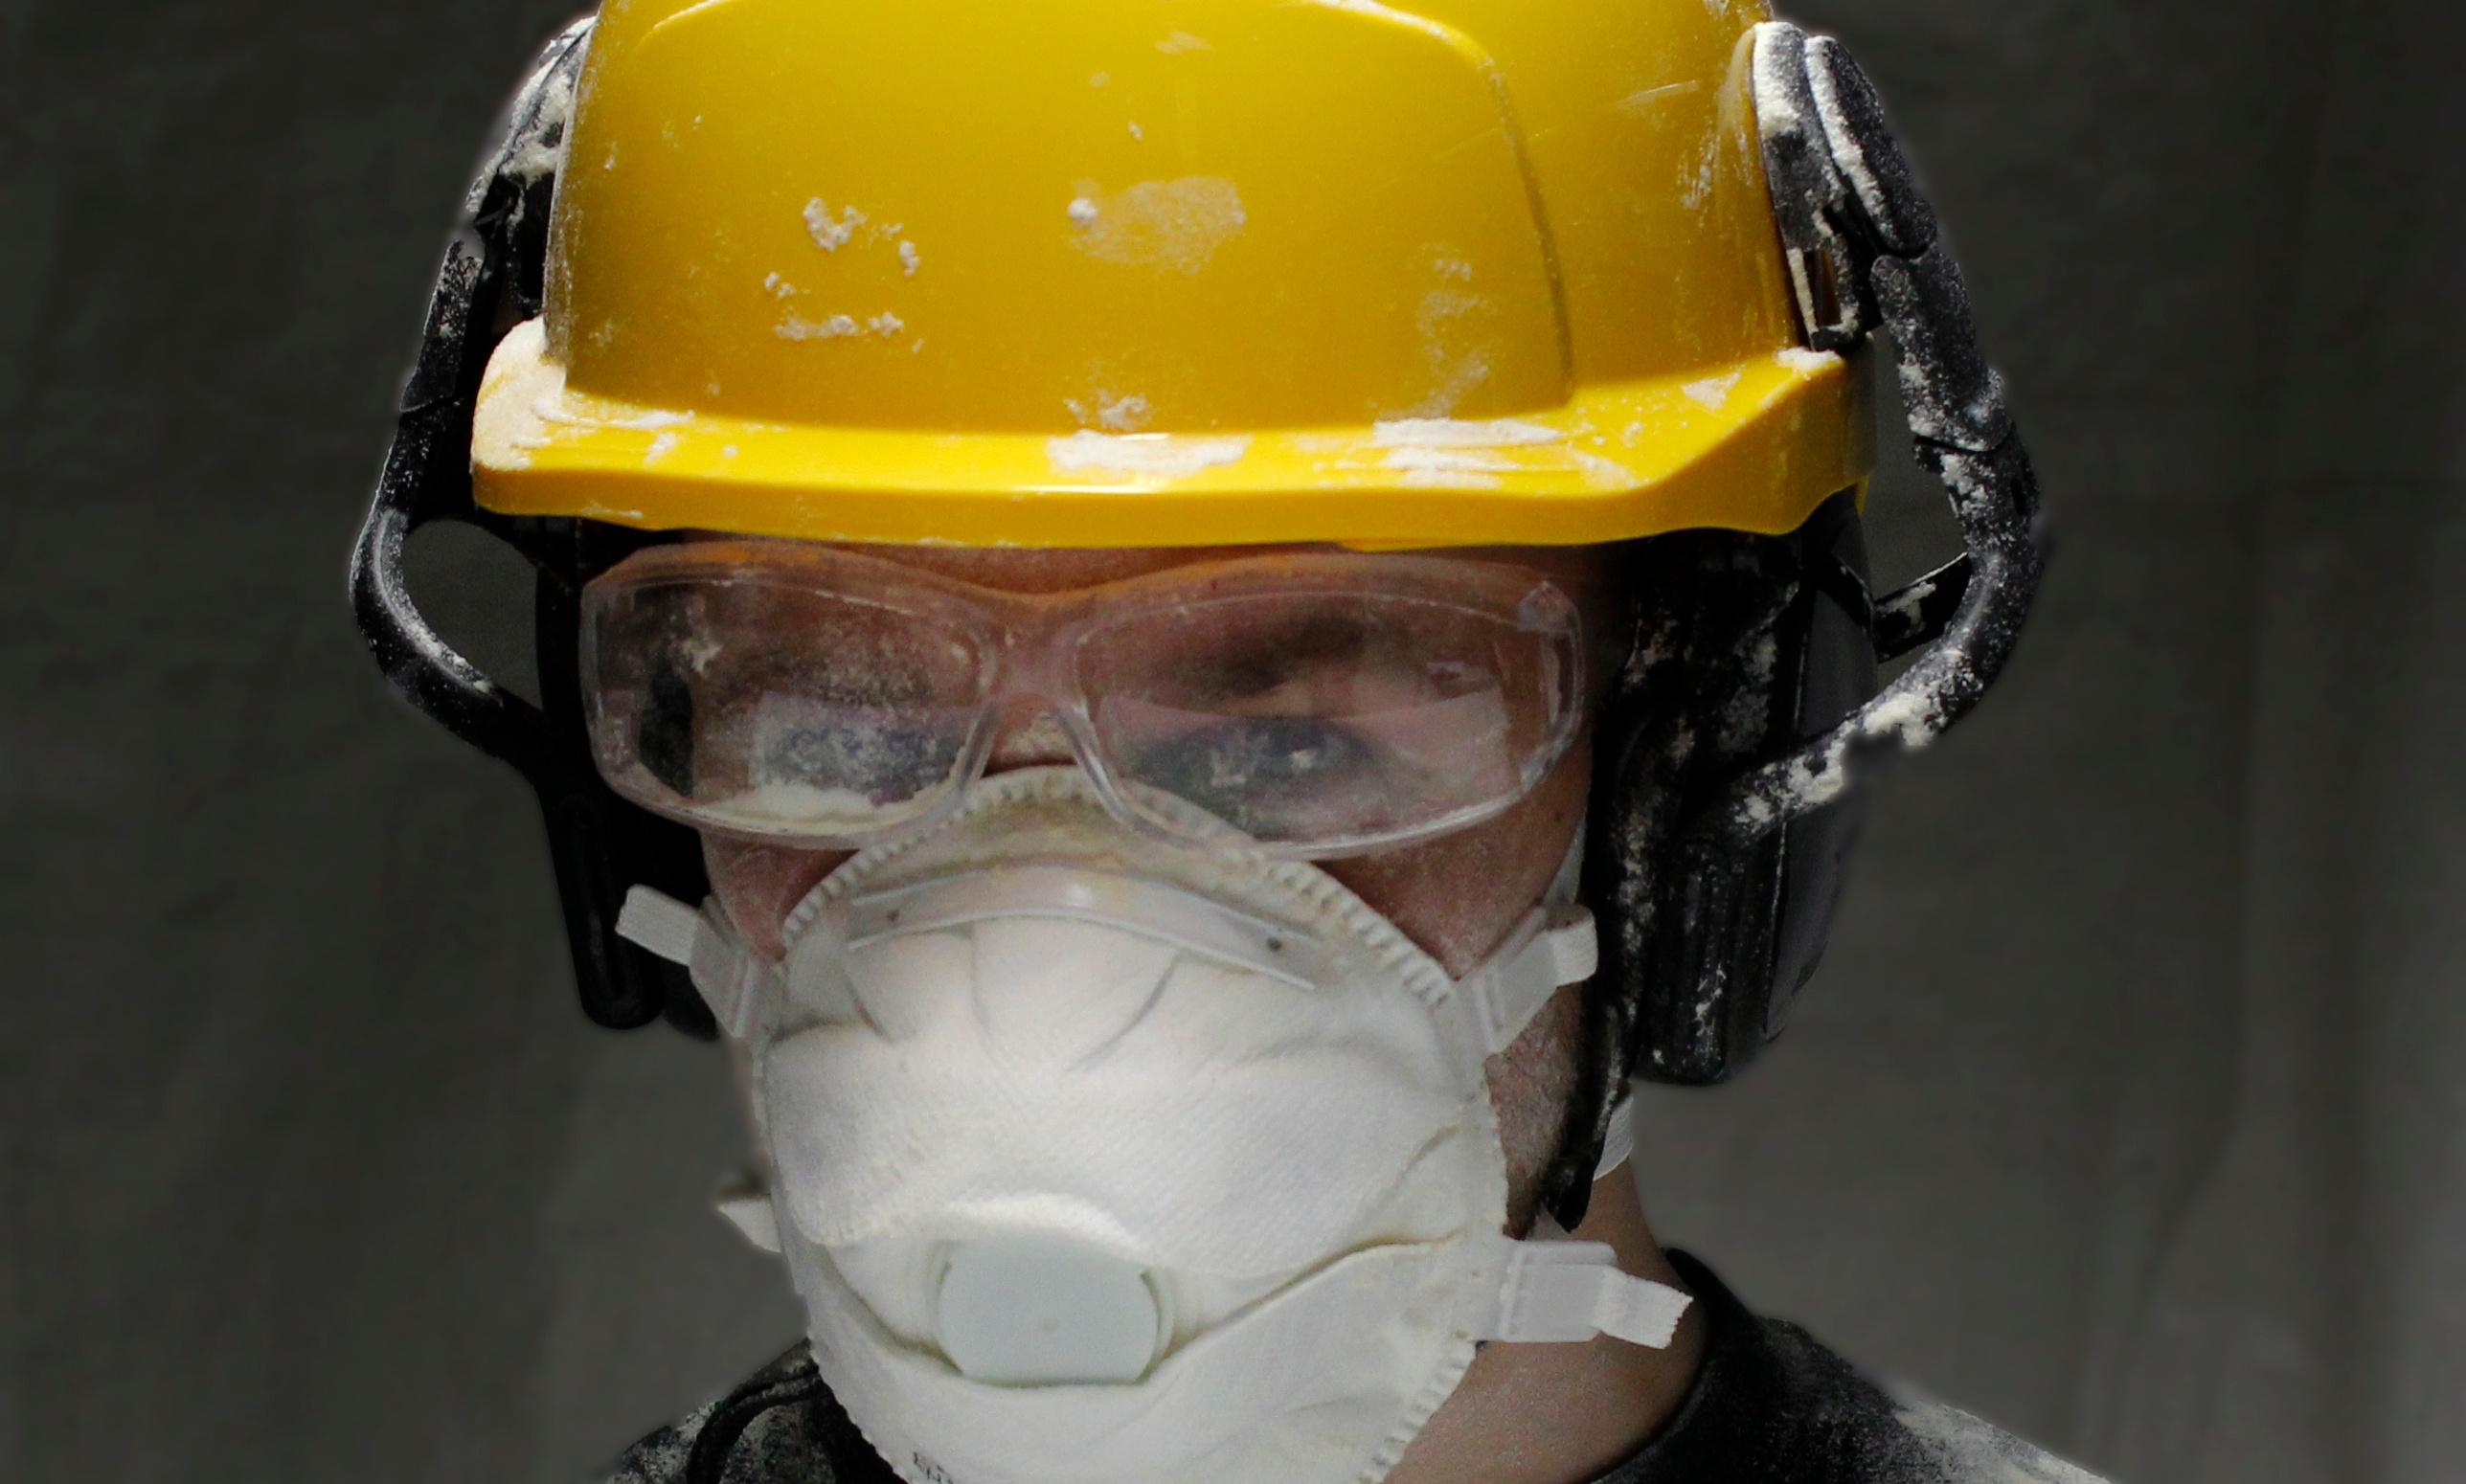 Rakennuspölyltä suojautuminen on tärkeää työturvallisuuden ja työterveyden kannalta